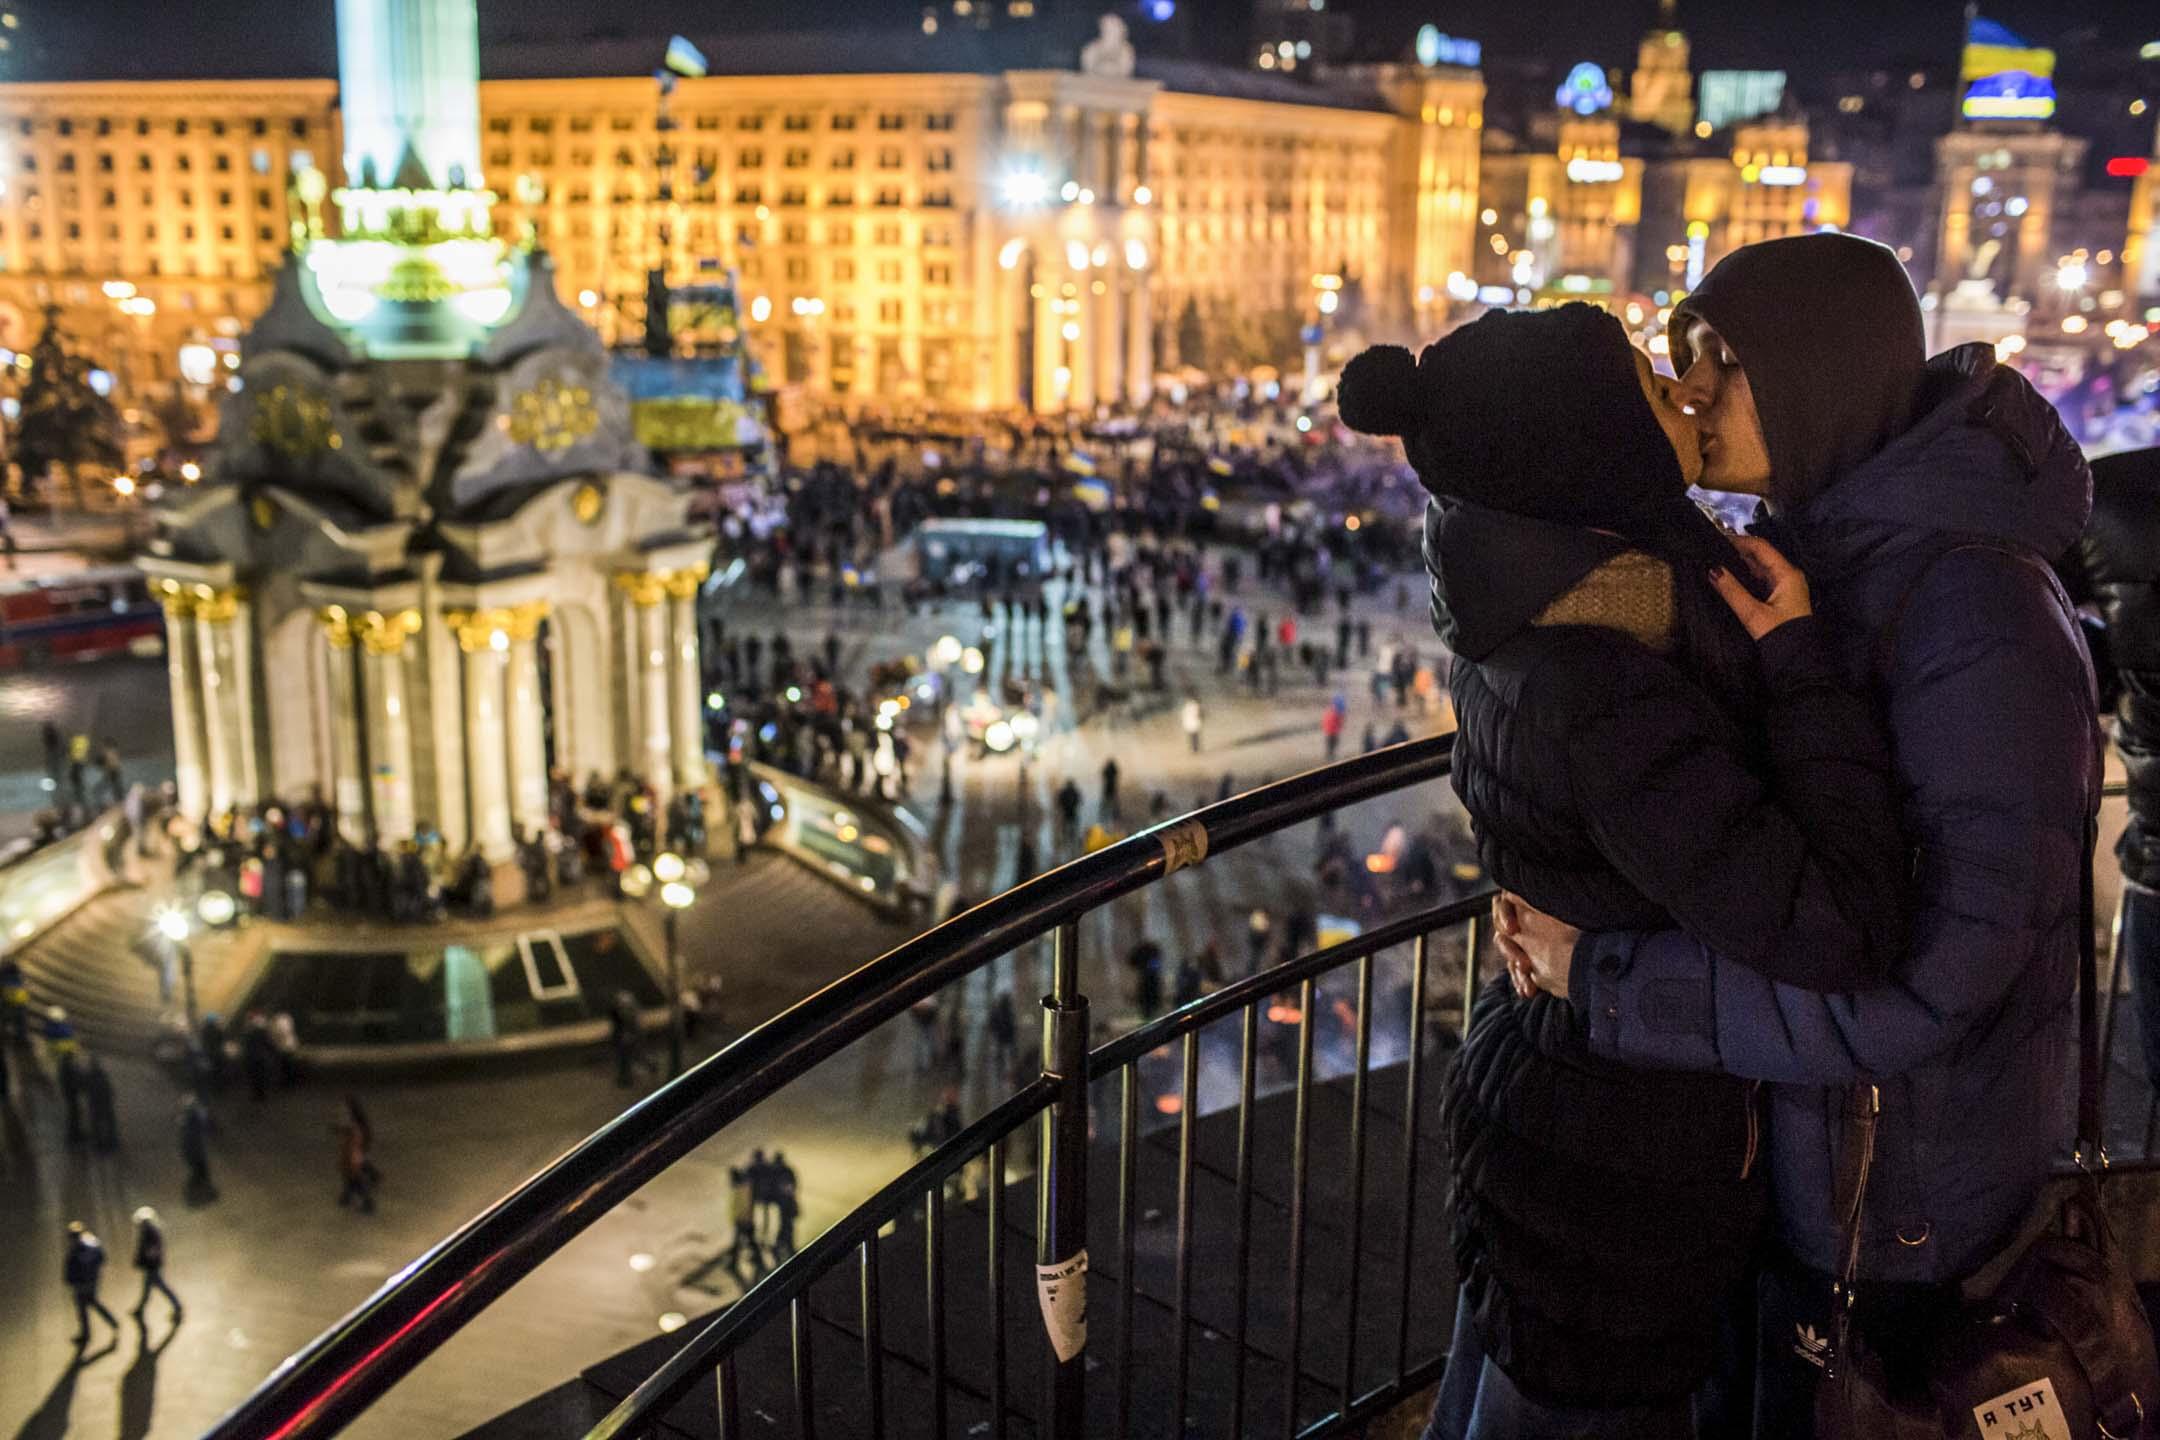 2013年烏克蘭的「歐洲廣場革命 Euromaidan」,竭力掙脫莫斯科與蘇聯歷史的陰影,走向象徵著經濟增長與開放民主的歐洲。隨即,莫斯科以「保護俄裔人口」為名,吞併克里米亞、介入烏東的軍事衝突。 攝:Brendan Hoffman/Getty Images